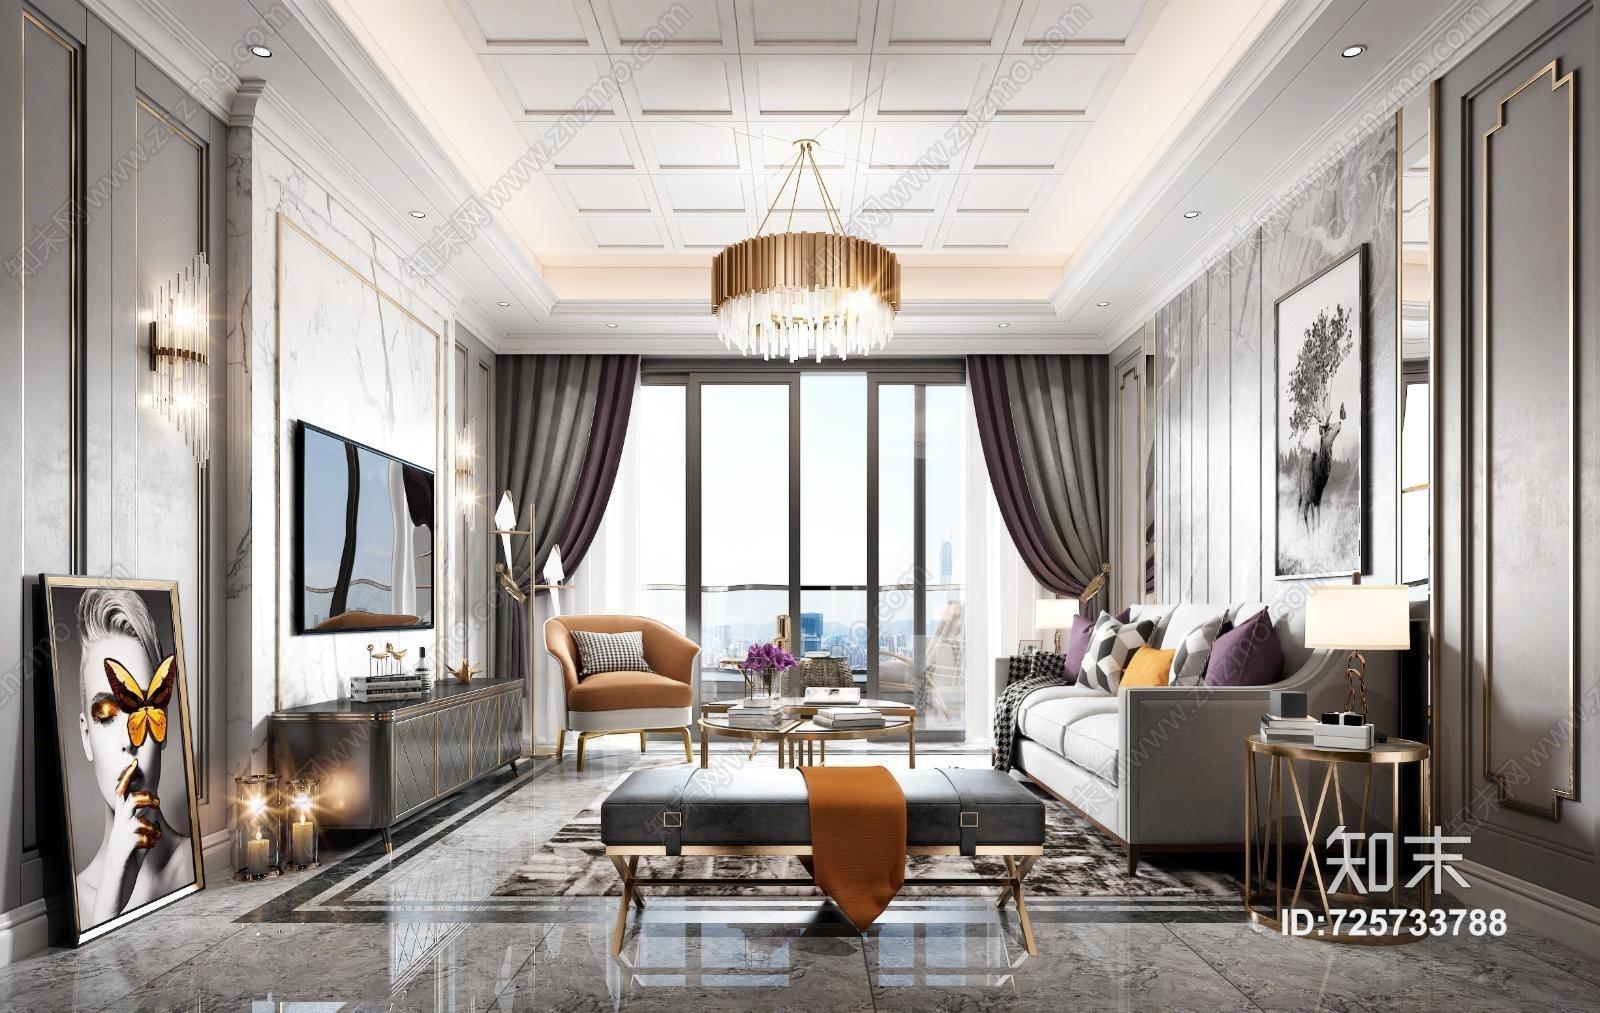 简欧客厅 沙发 餐桌 吊灯 台灯 地毯 窗帘 装饰品 挂画 抱枕 茶几 盘栽